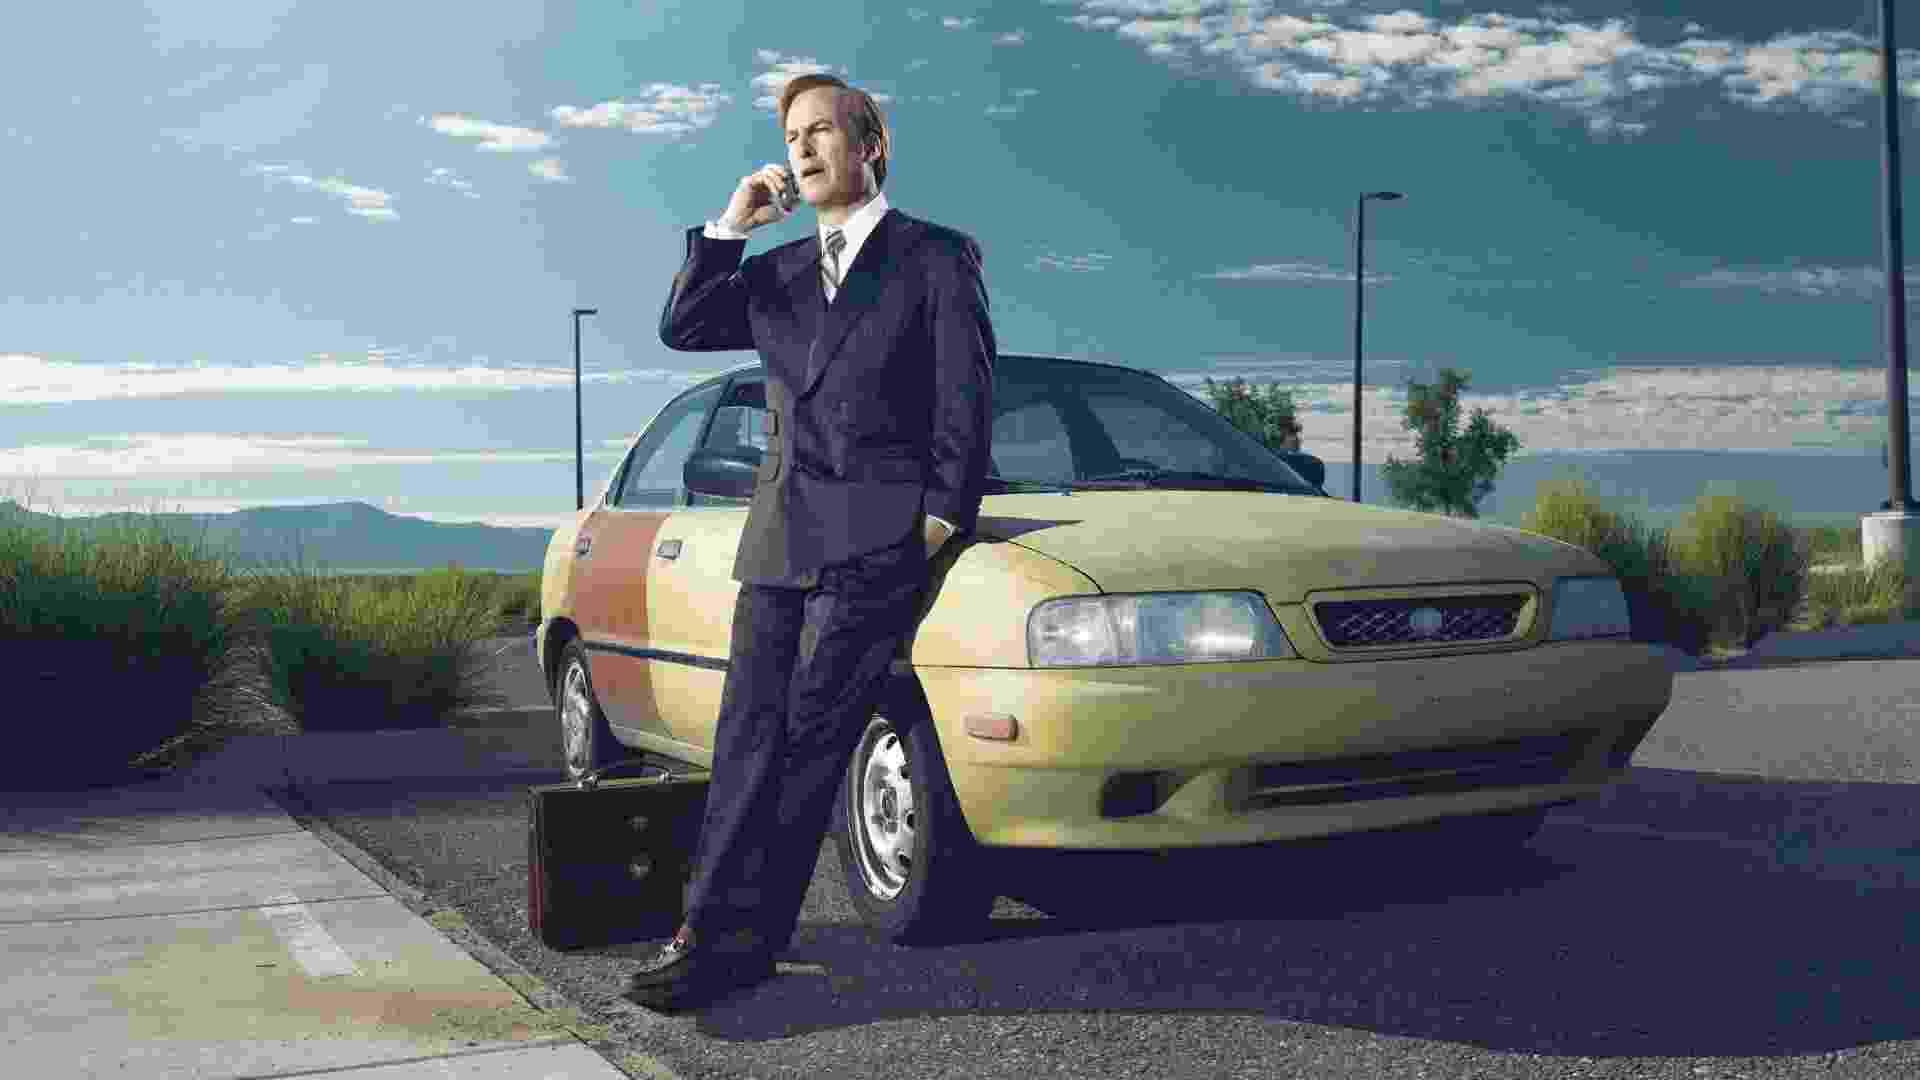 """Bob Odenkirk vive o protagonista Saul Goodman na série """"Better Call Saul"""", exibida no Brasil pela Netflix - Divulgação"""